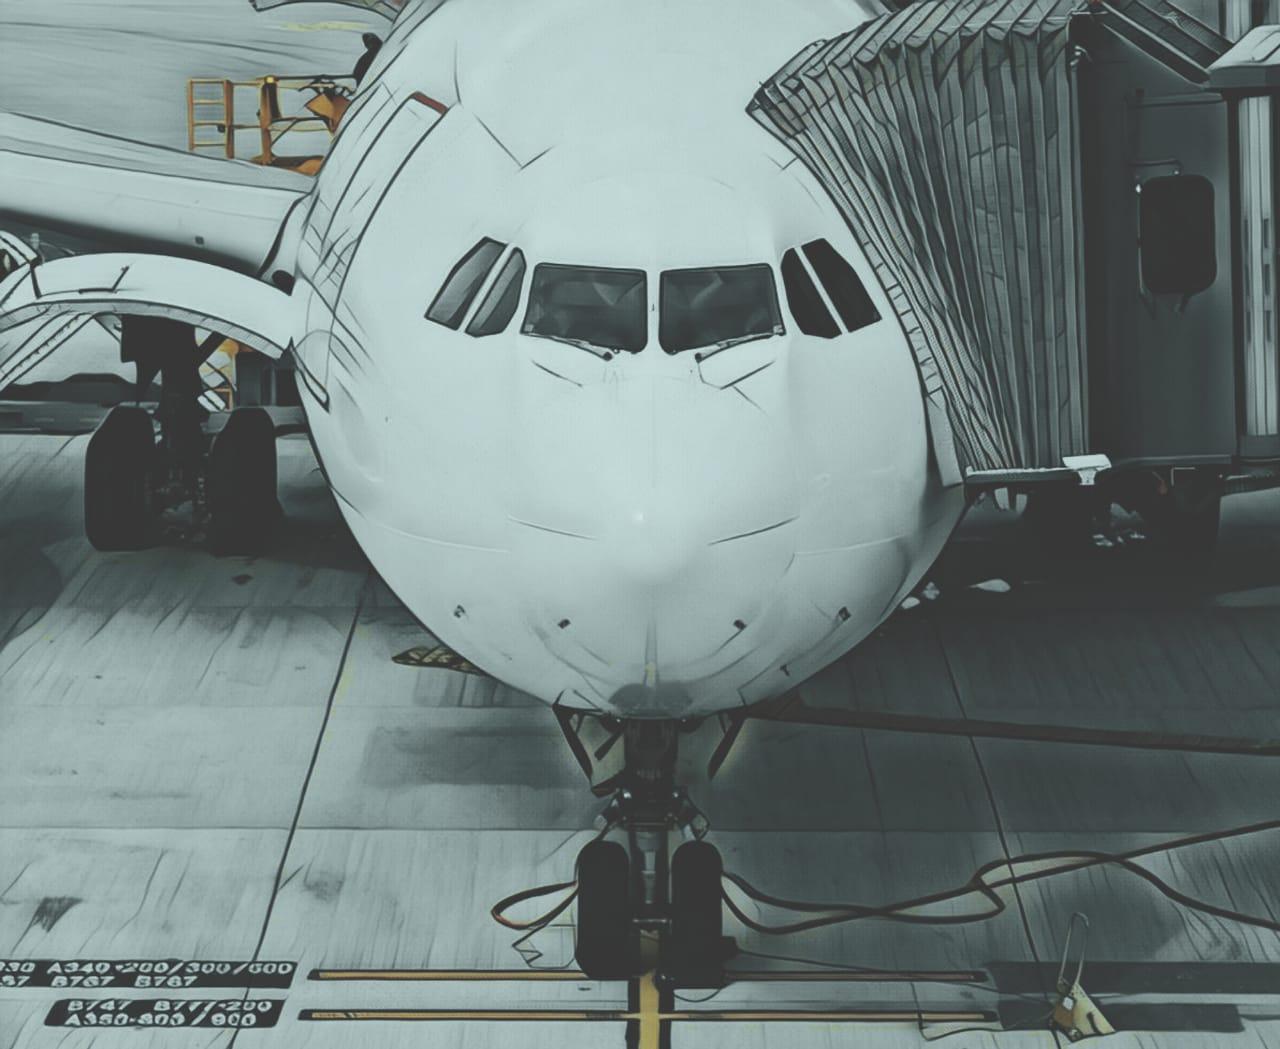 https: img.okezone.com content 2021 03 18 320 2379993 pekerja-industri-penerbangan-akan-divaksinasi-april-XiJVoIfT9Z.jpeg